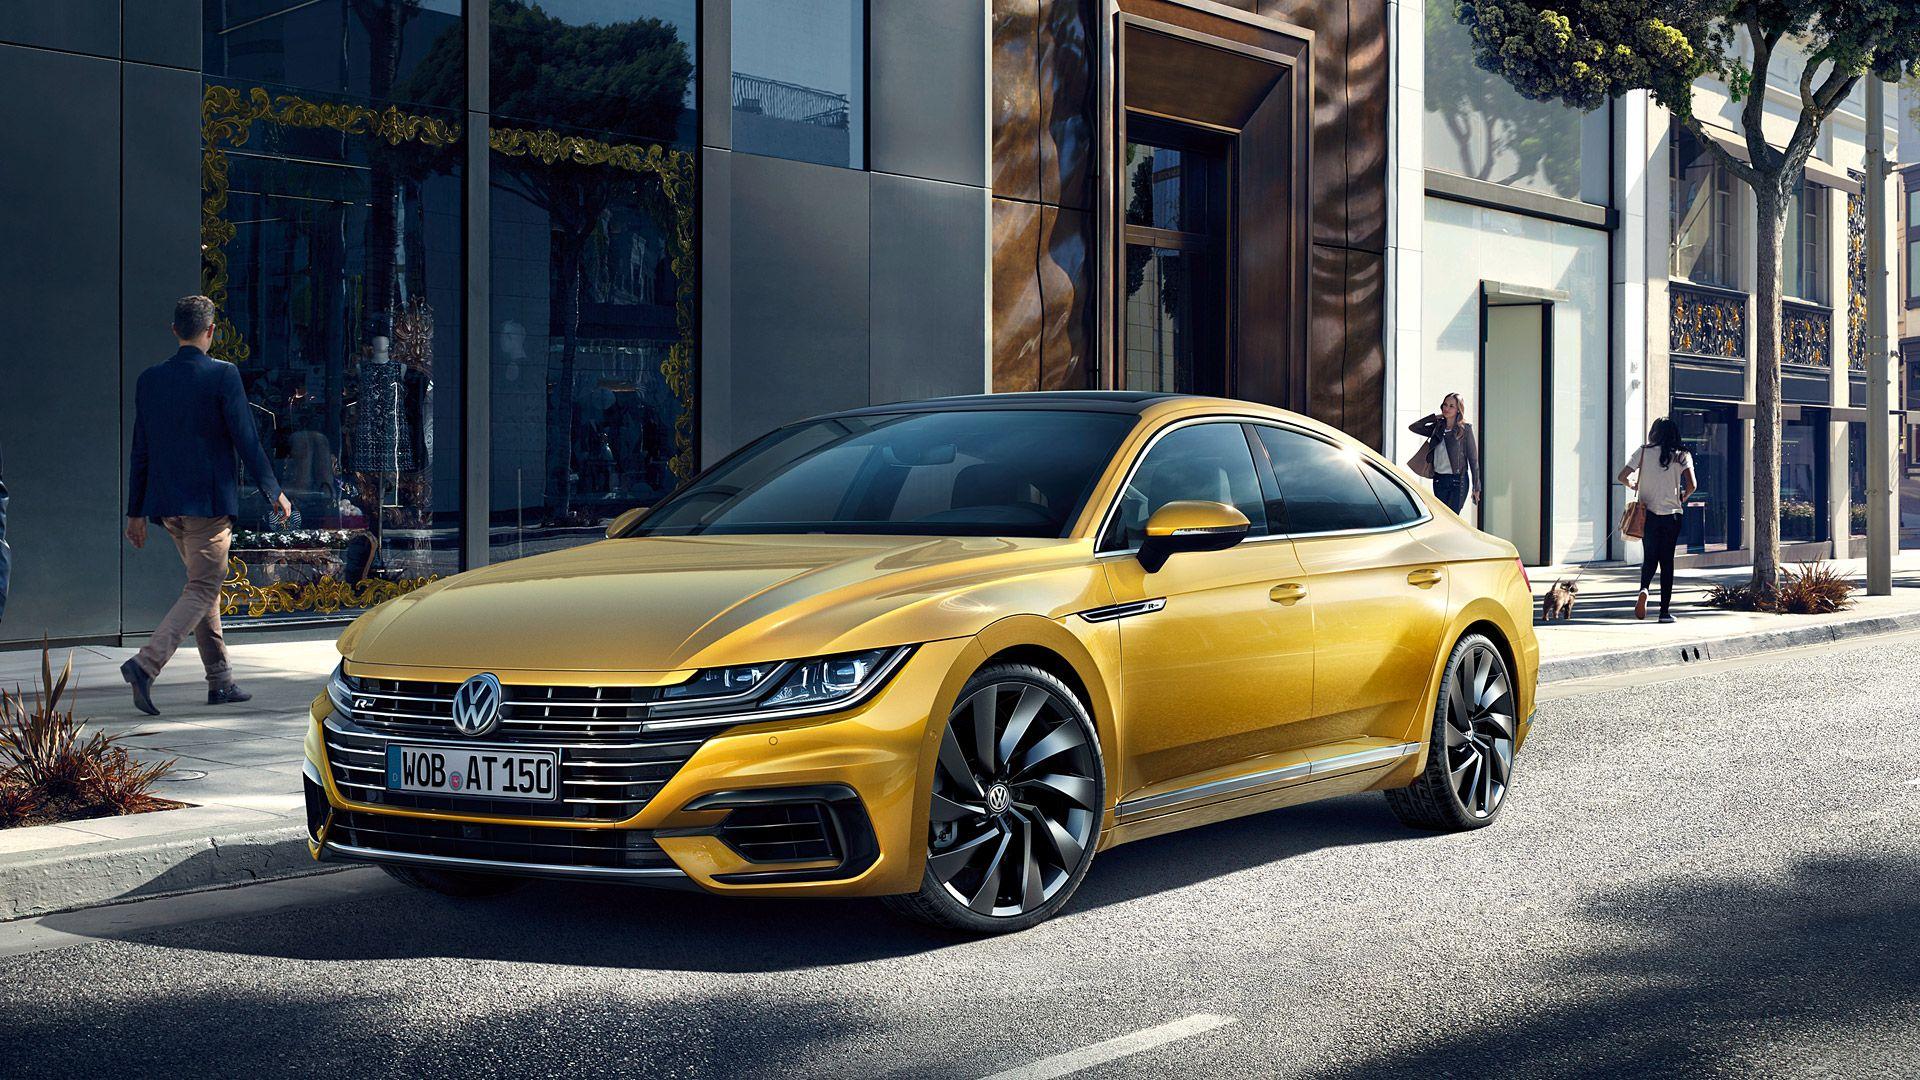 2018 Volkswagen Arteon R Line Volkswagen Volkswagen Passat Passat Cc